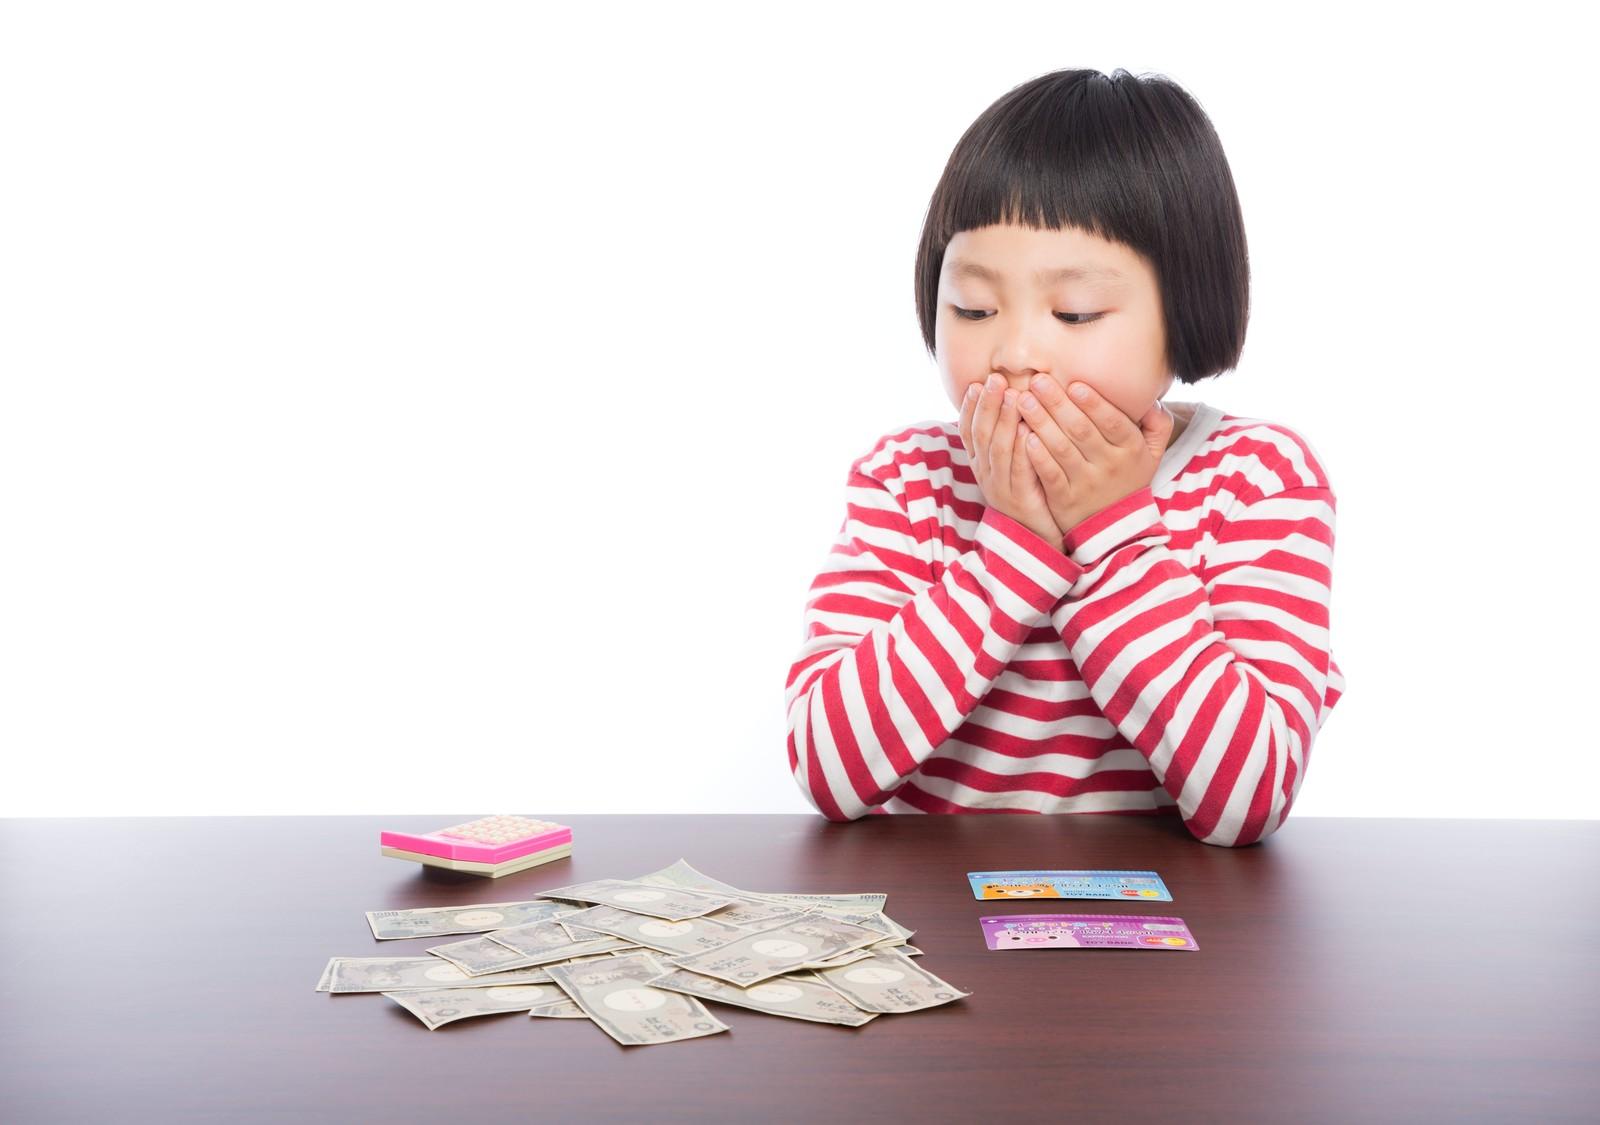 お金が少なくて驚く子供